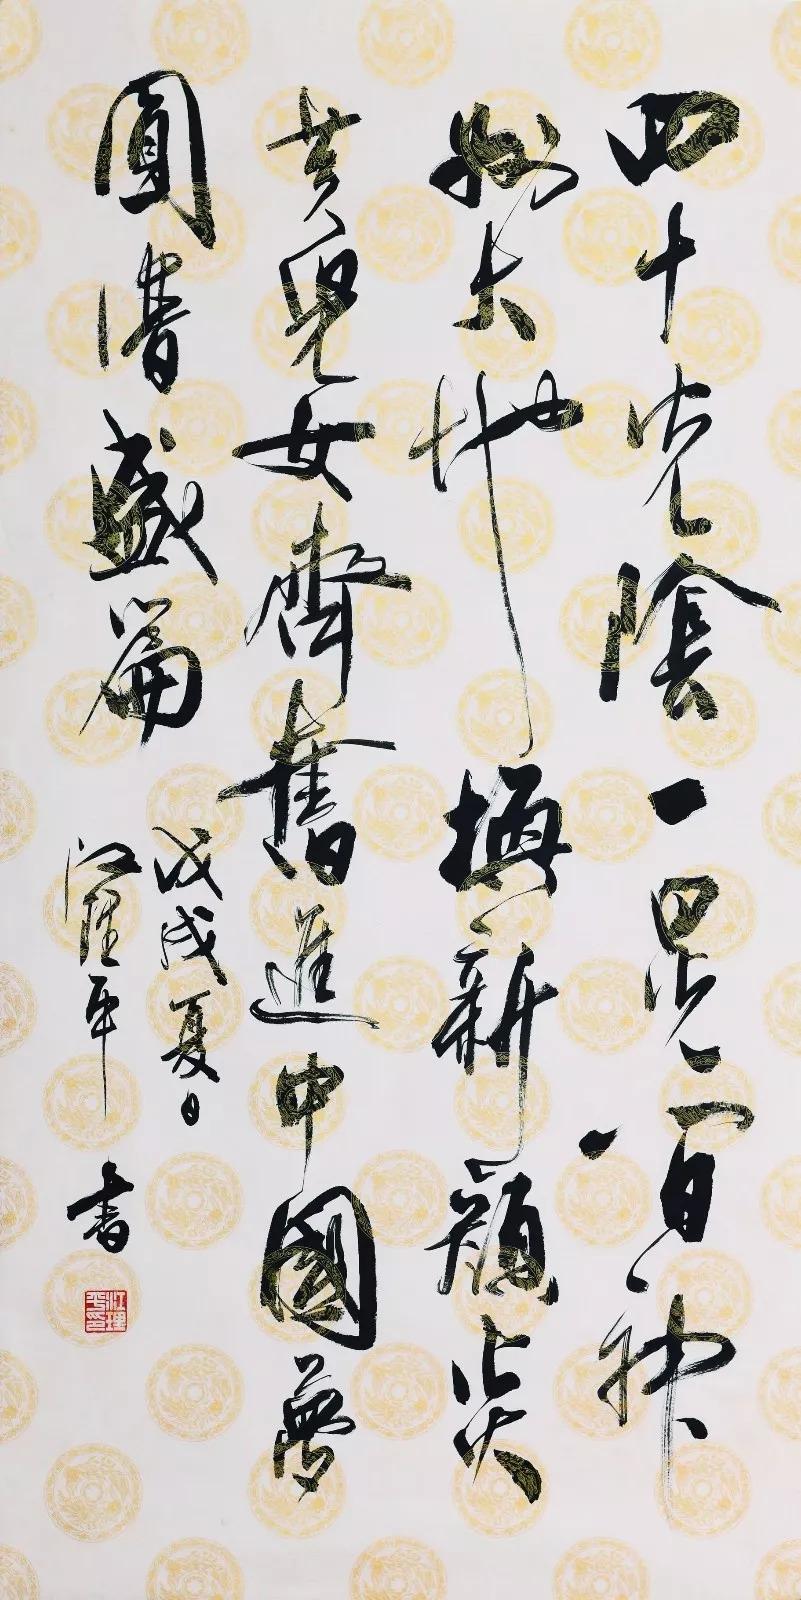 美丽中国,魅力上海,纪念改革开放四十周年——第六届海派中国画家作品